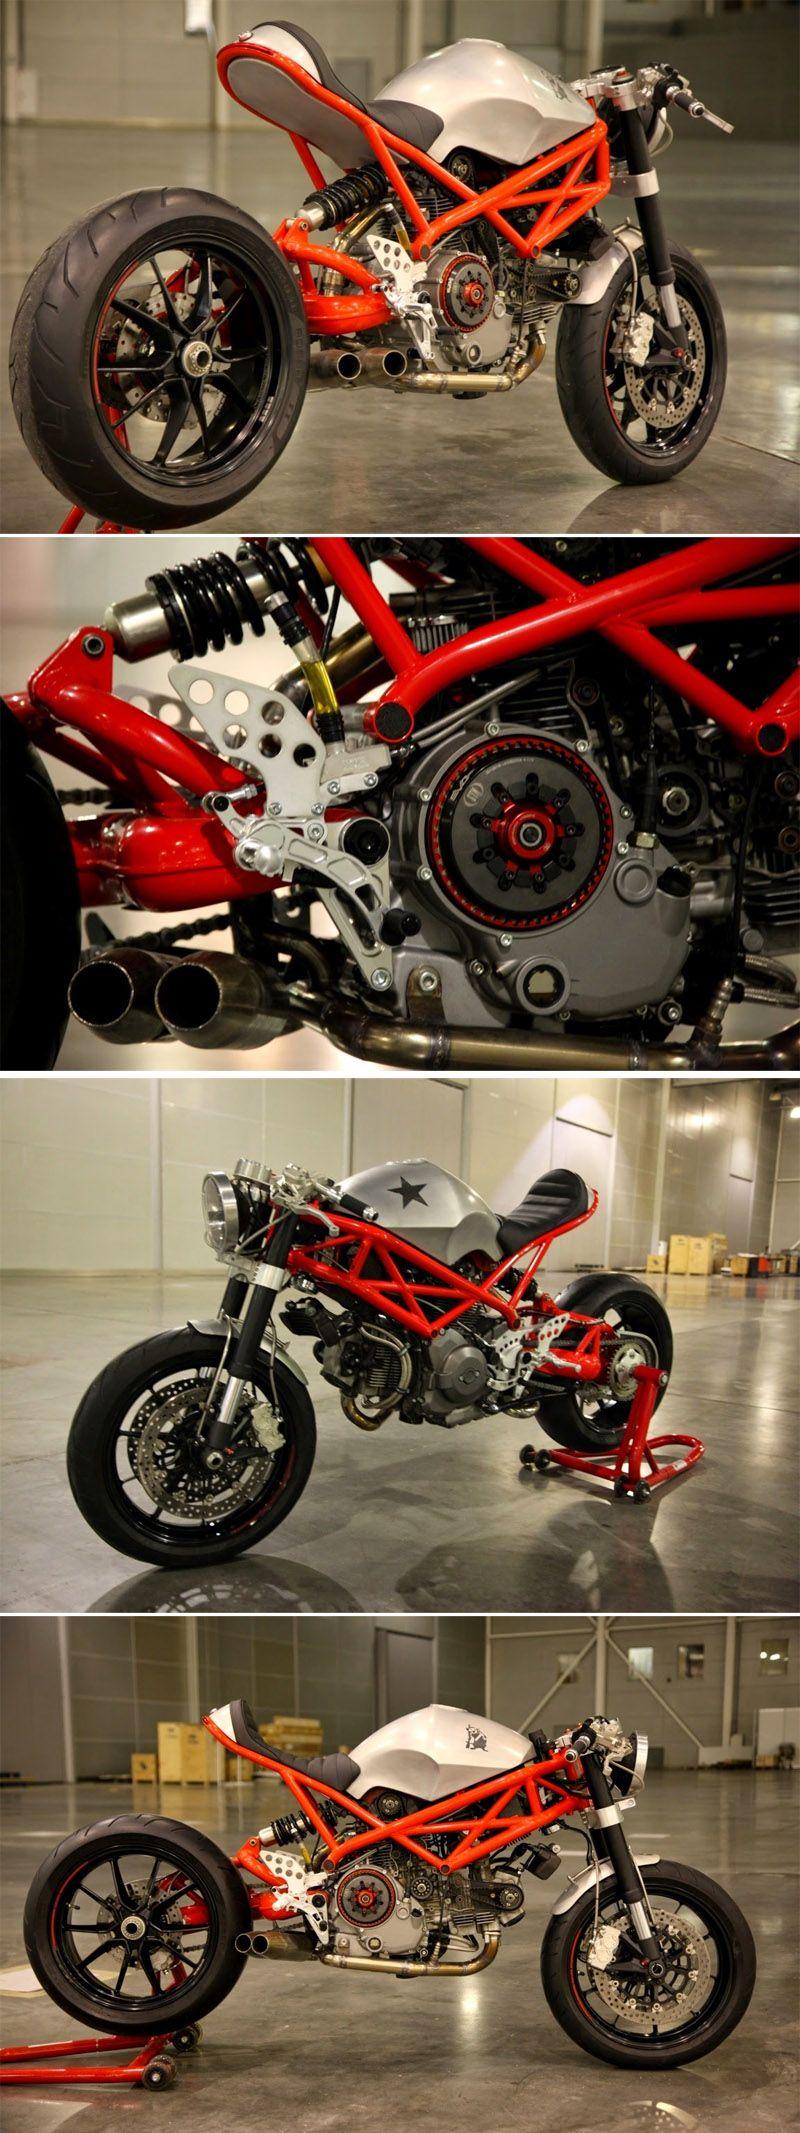 Baixar fotos de motos 1100 b2c2d5c5b59